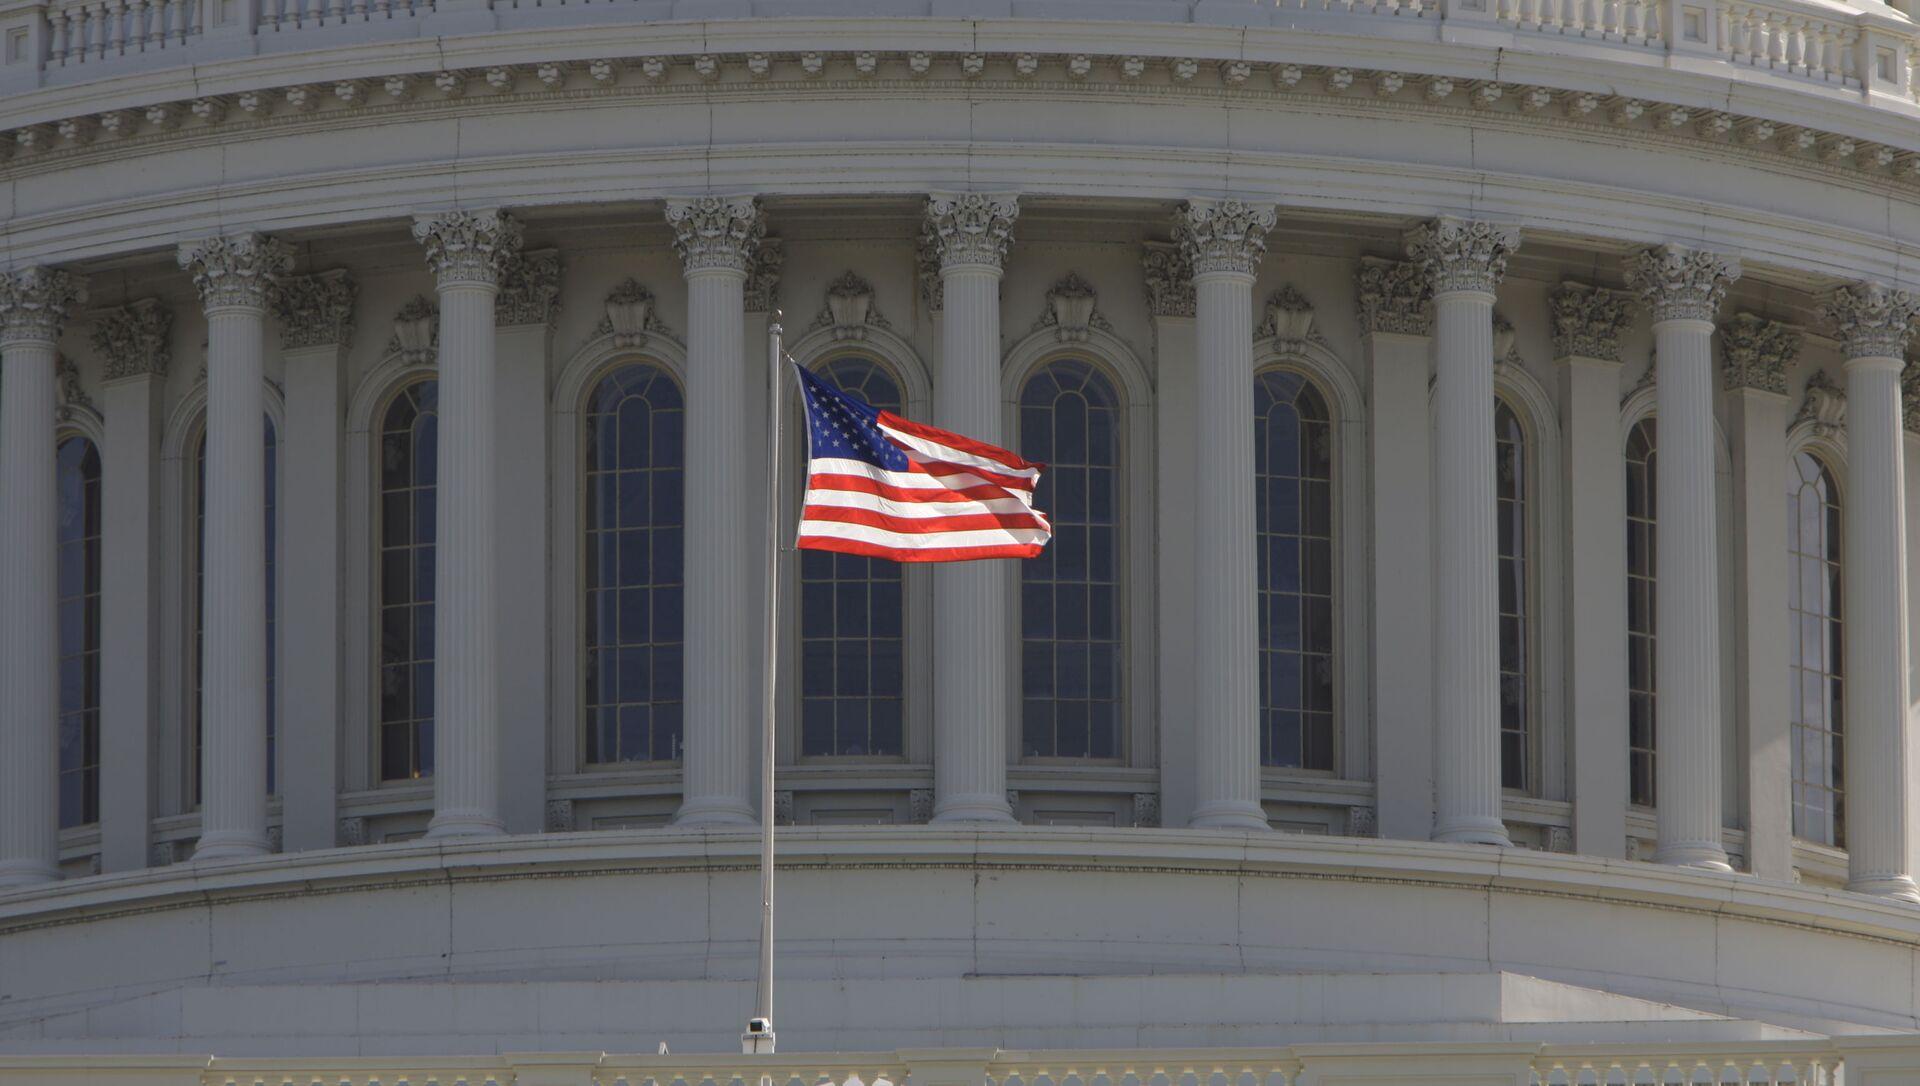 Капитолий, здание в Вашингтоне, где заседает конгресс США - Sputnik Азербайджан, 1920, 19.07.2021